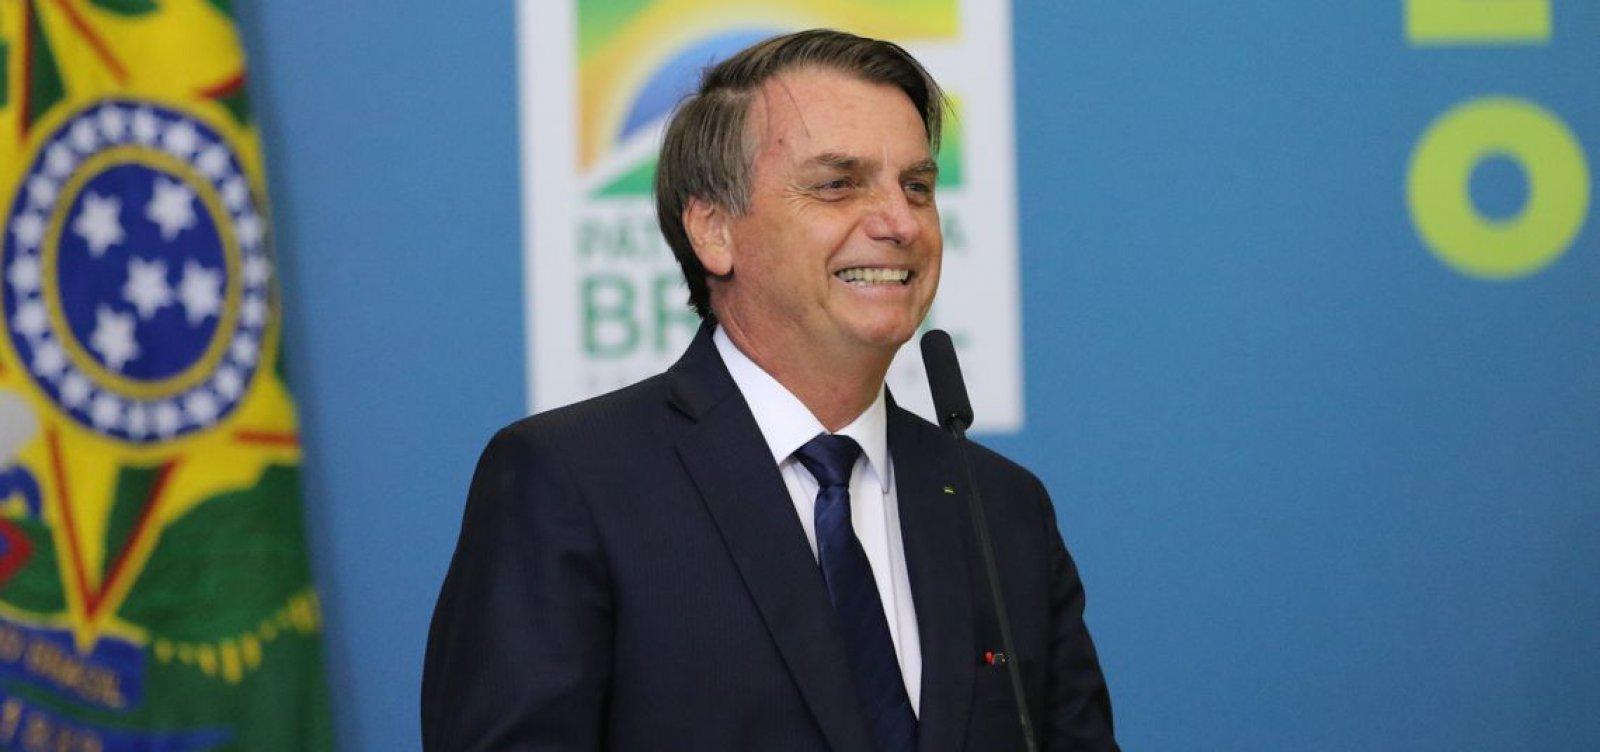 'Estou me incluindo', diz Bolsonaro após afirmar que classe política é o 'grande problema' do Brasil